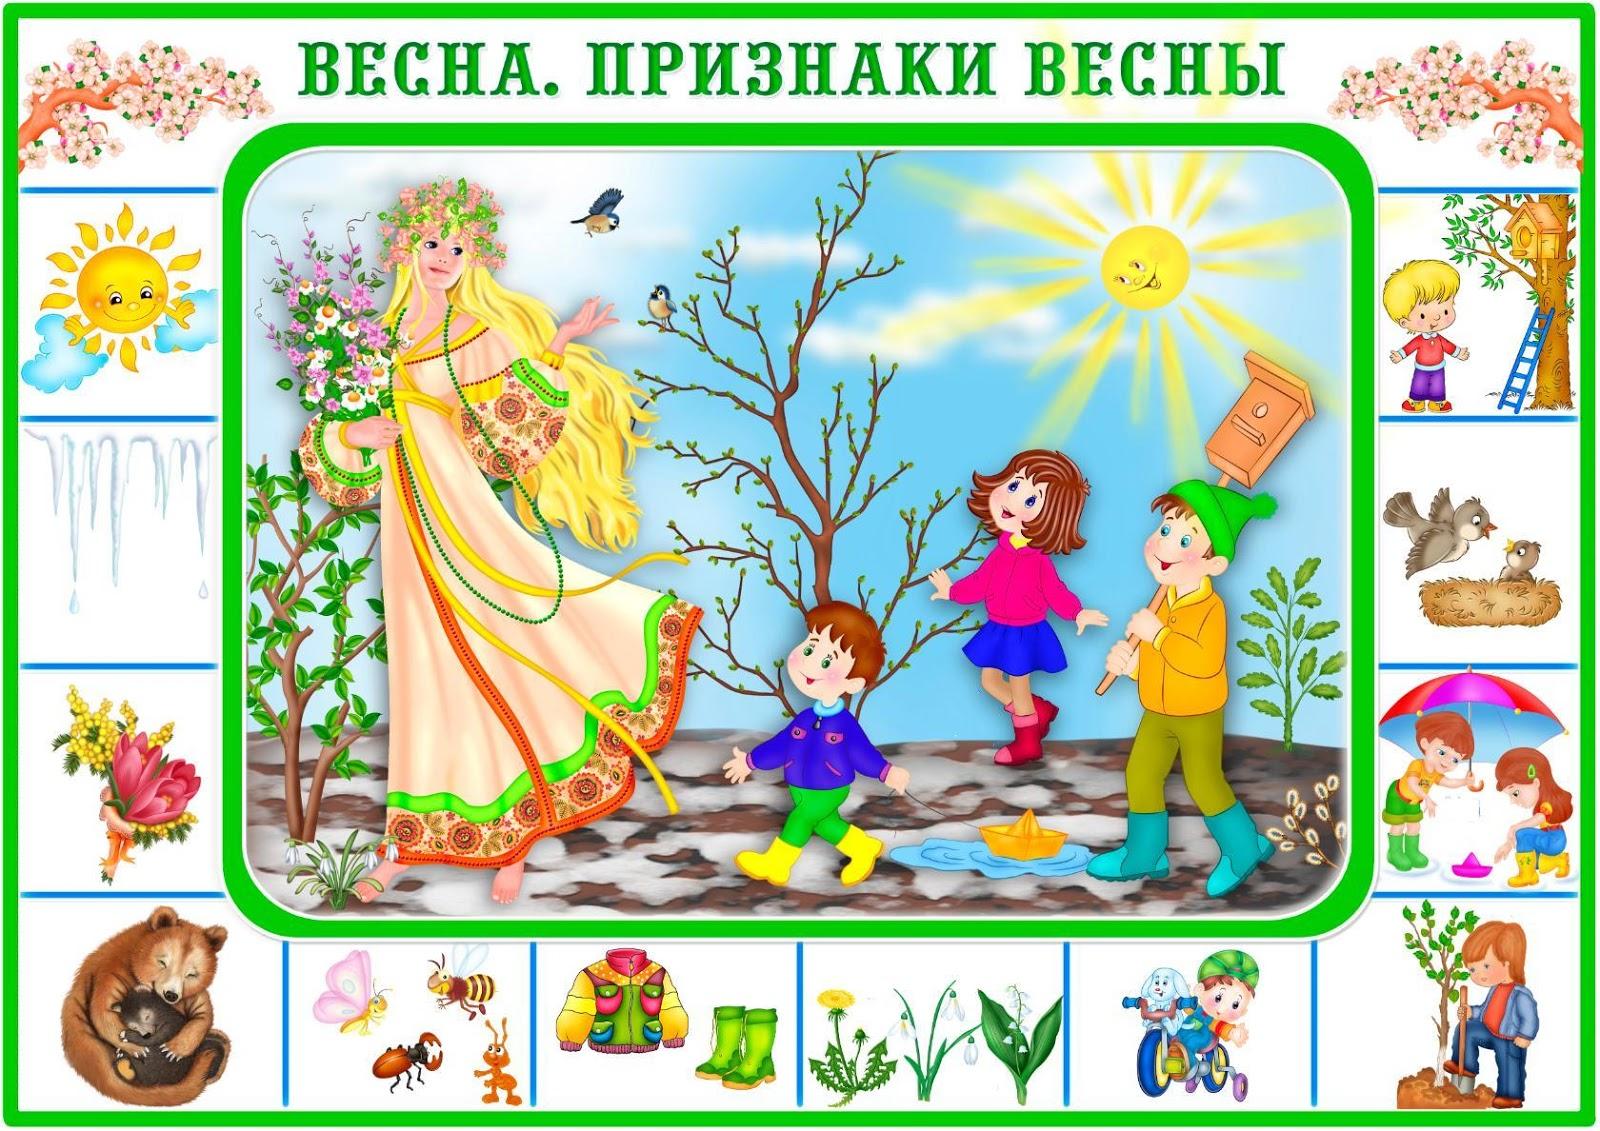 обновления детям картинки о временах года весна чем приступить